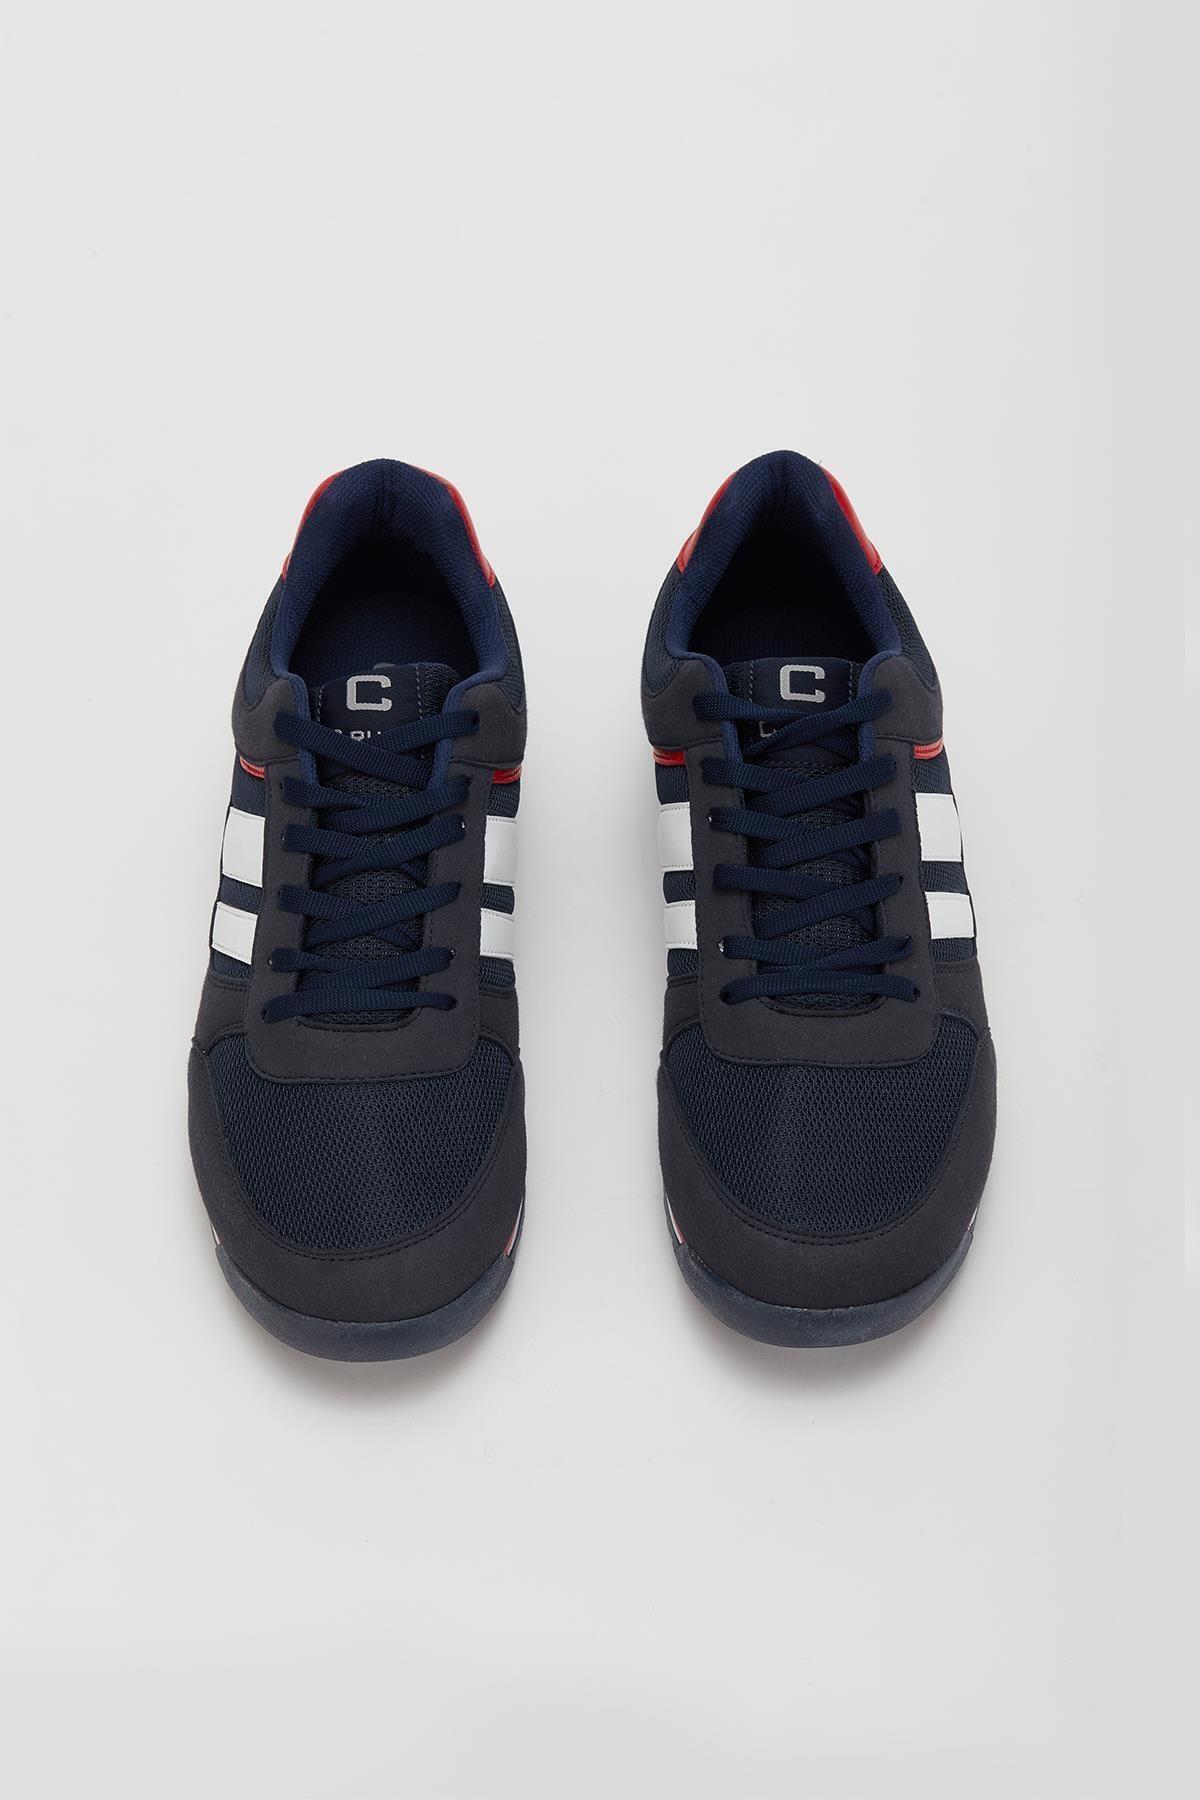 MUGGO Crsh603 Erkek Sneaker Ayakkabı 2